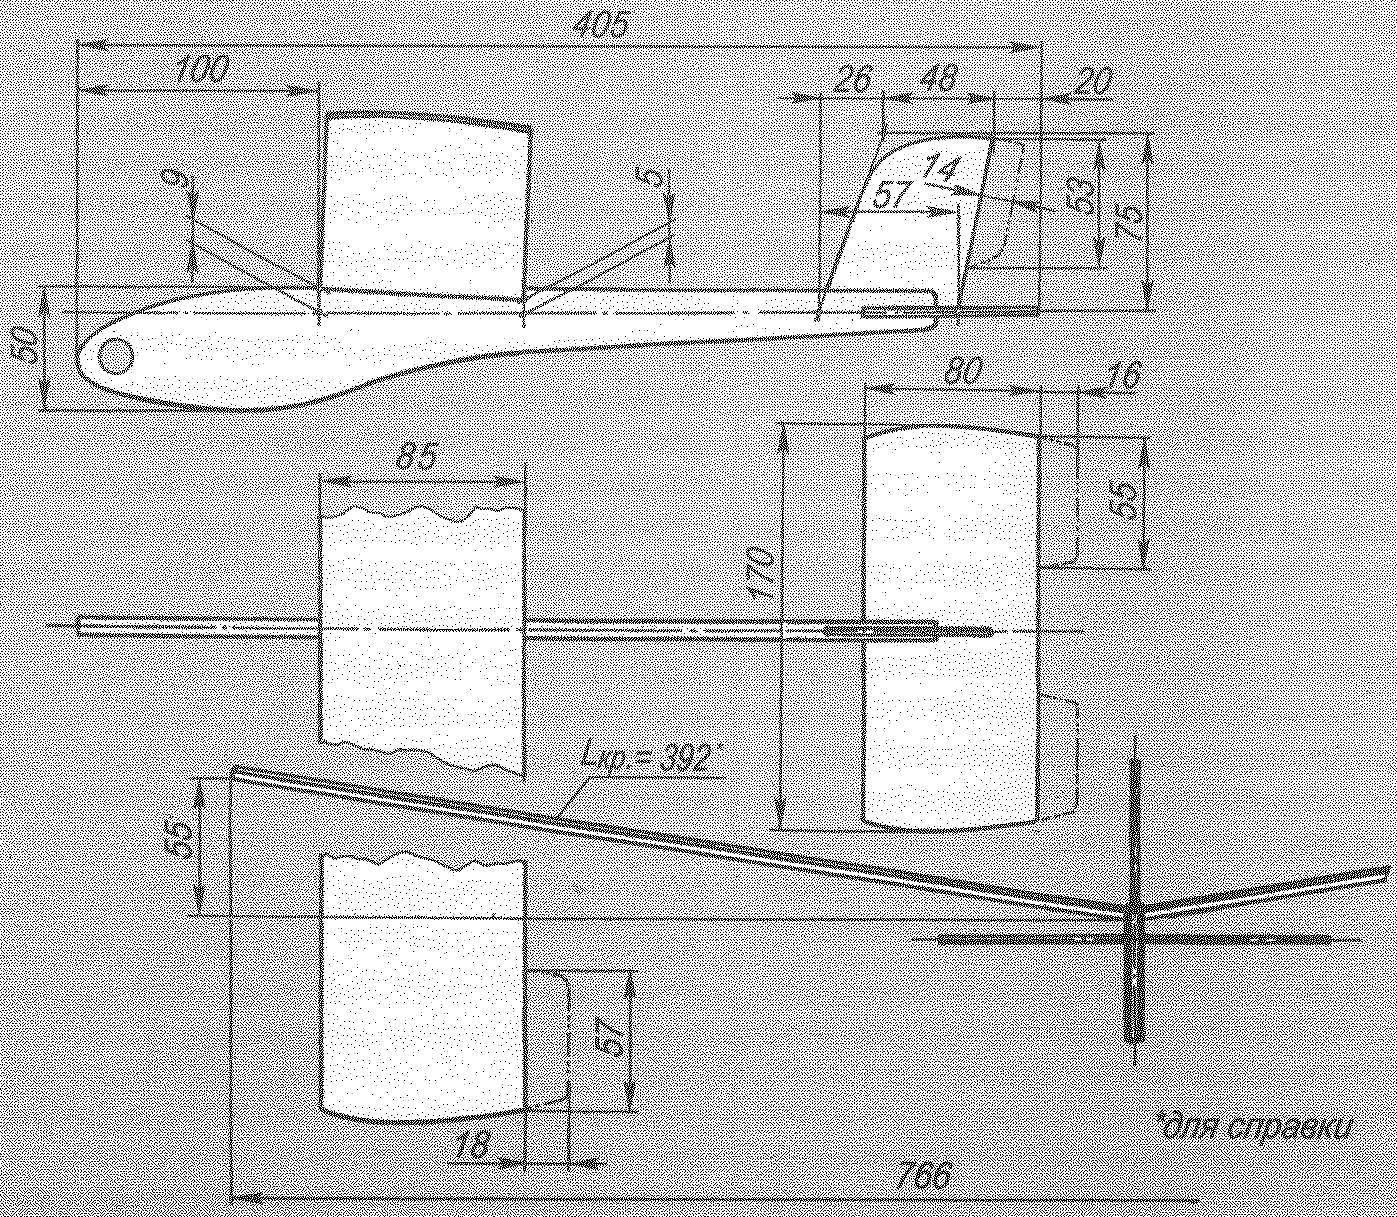 Геометрическая схема модели планера из гофрокартона,